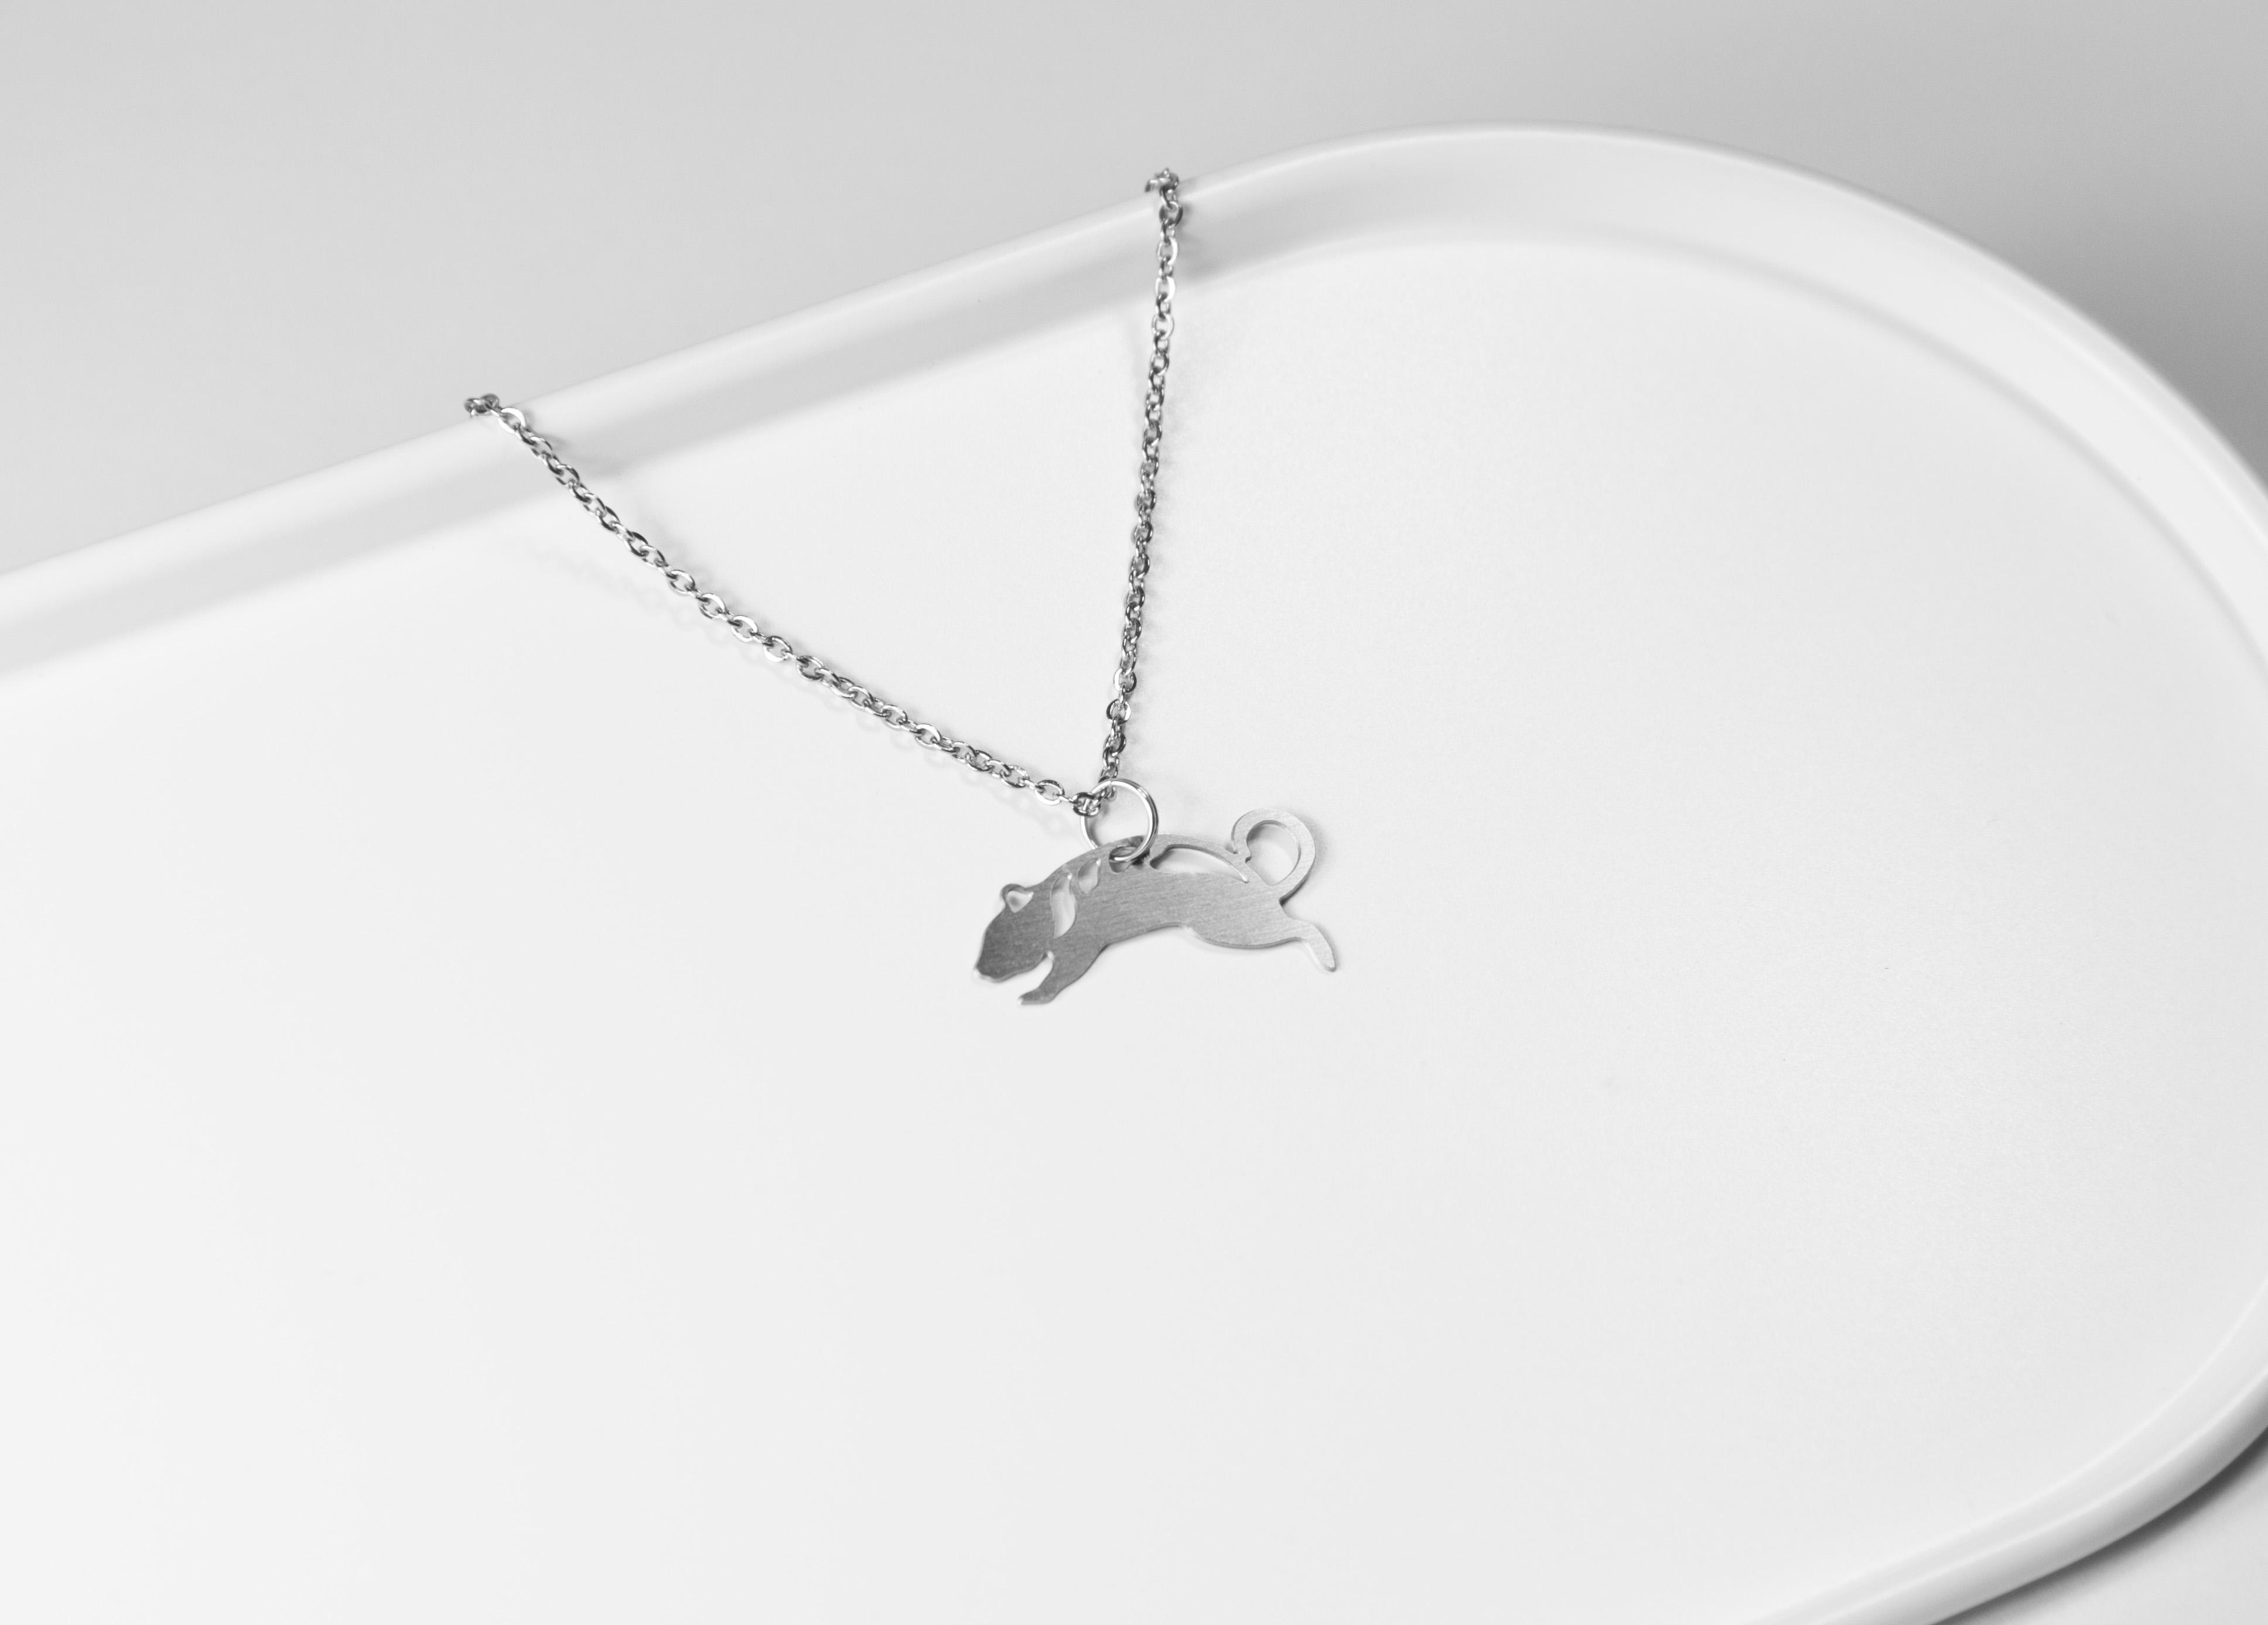 十二生肖-鼠 (款式一) 項鍊【迷你款】_動物系列_造題